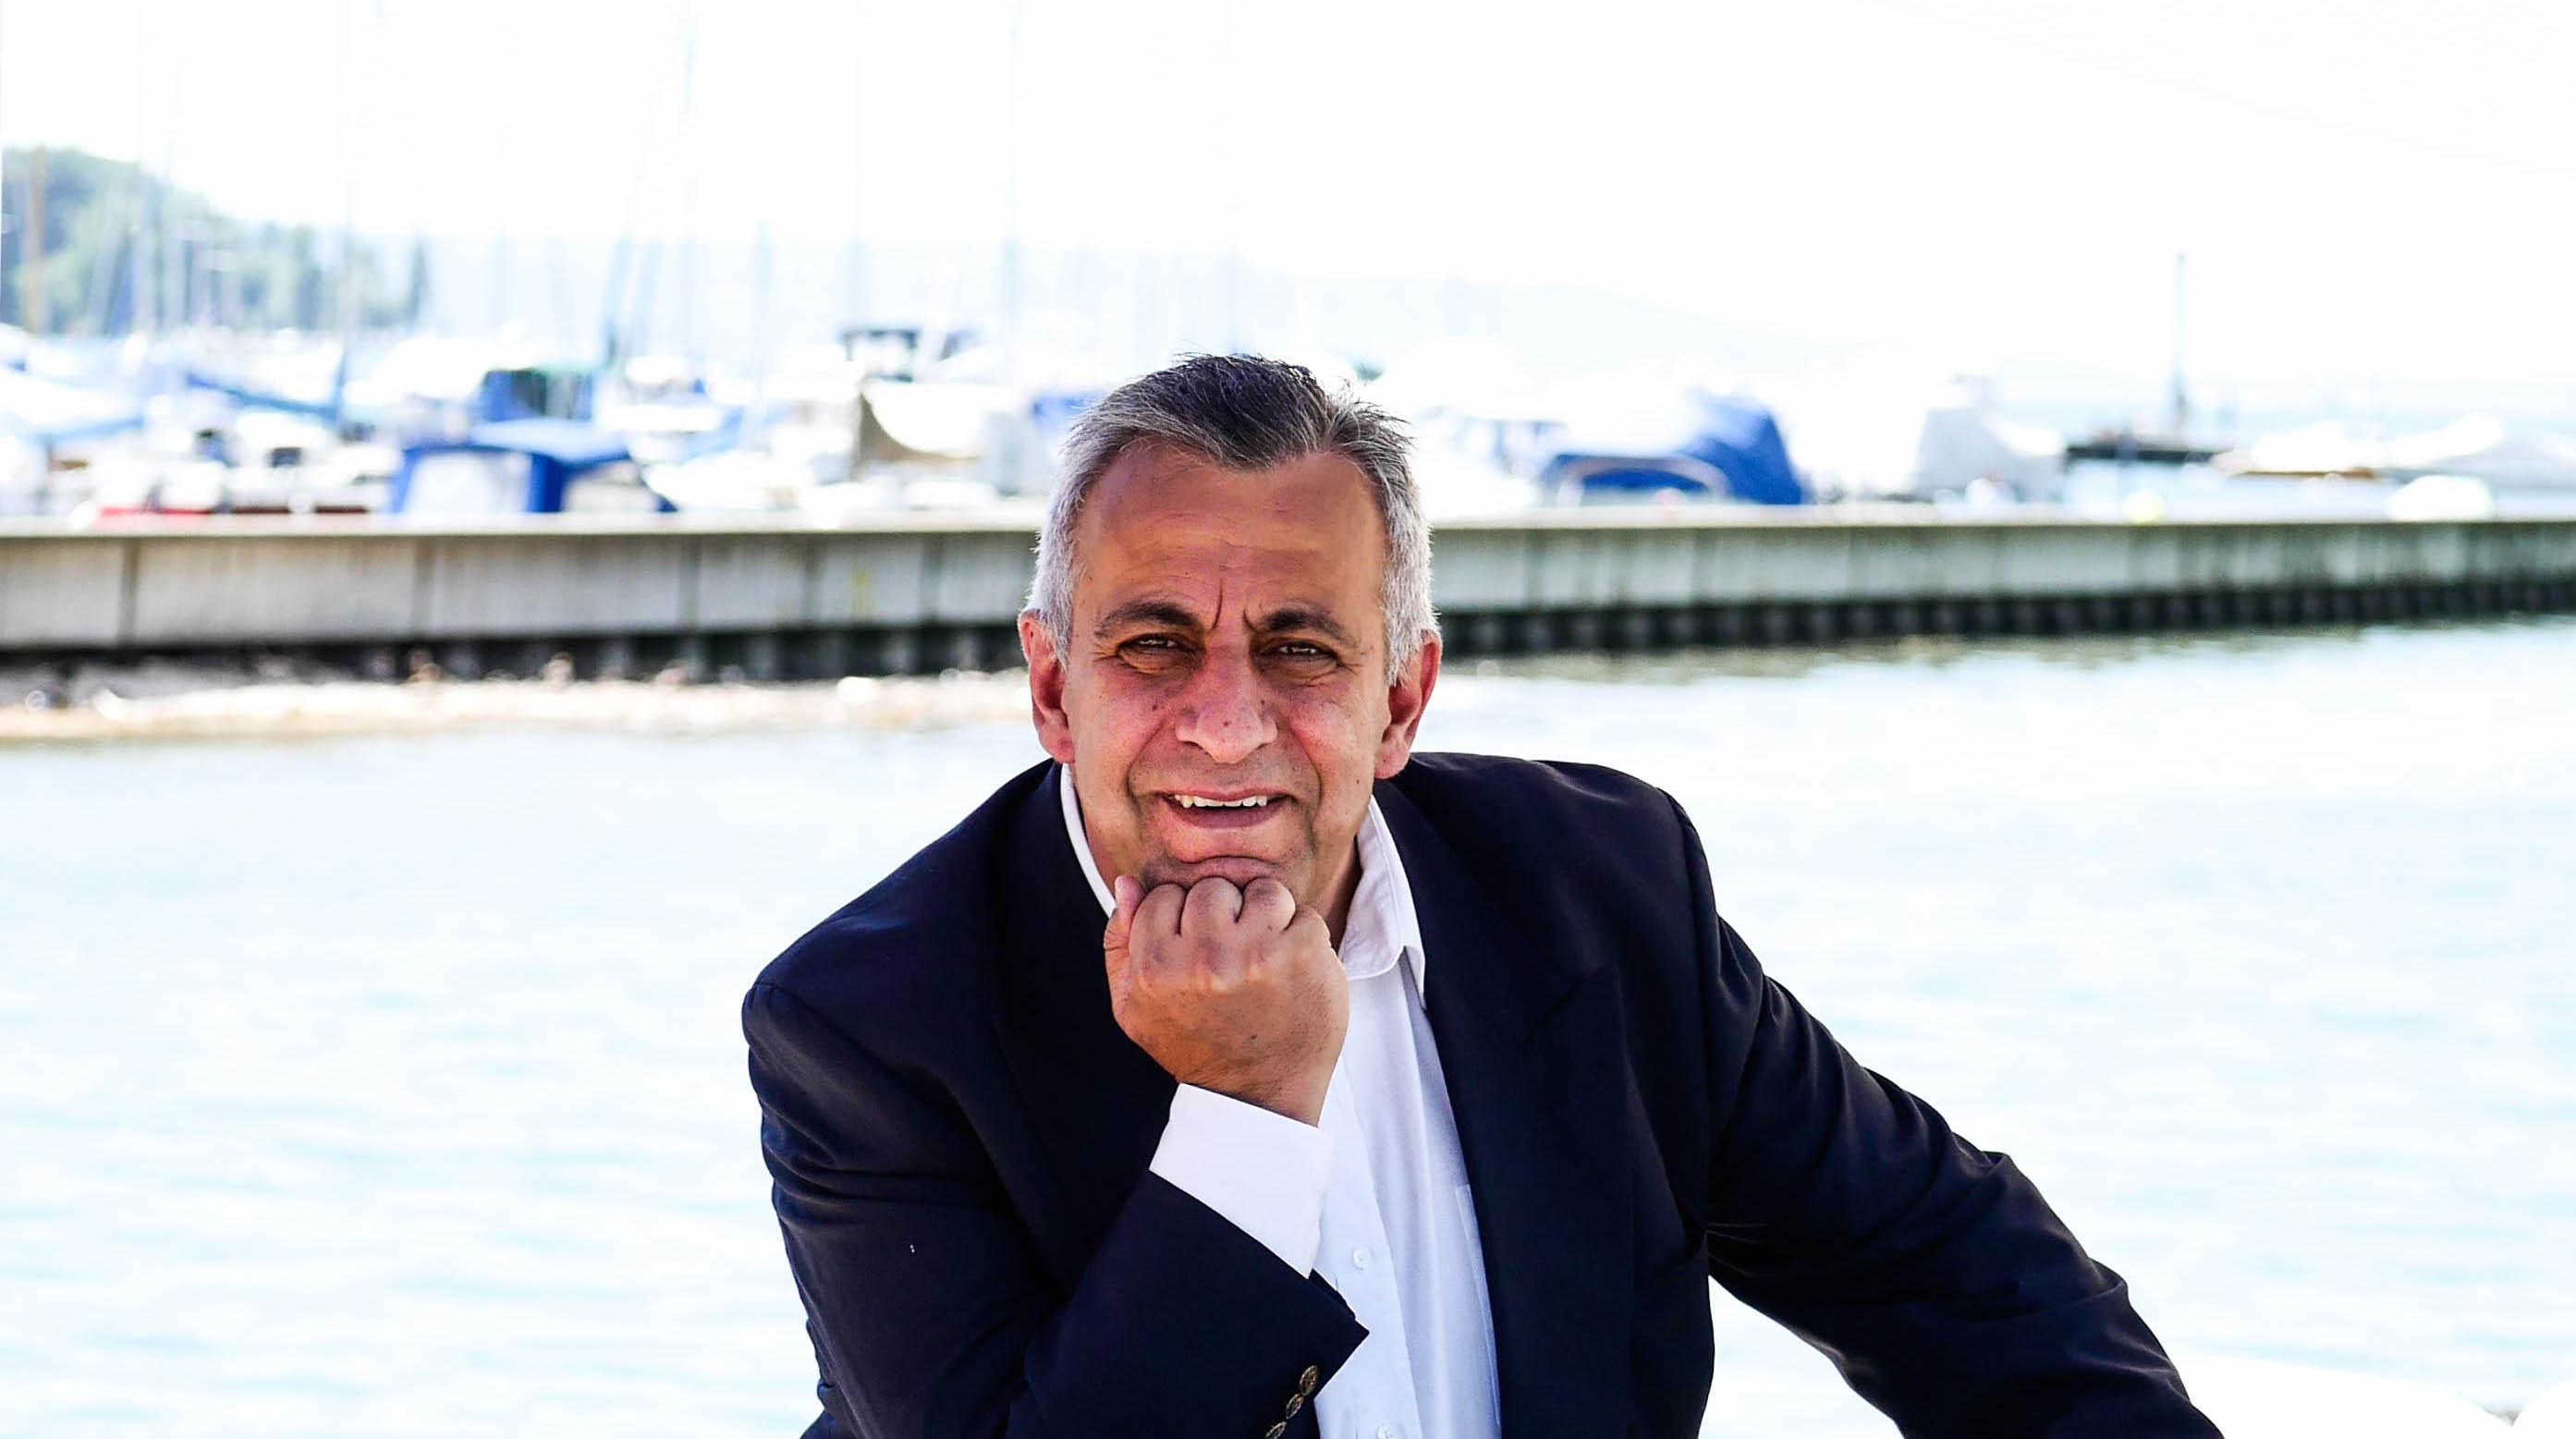 Alain Buhagiar